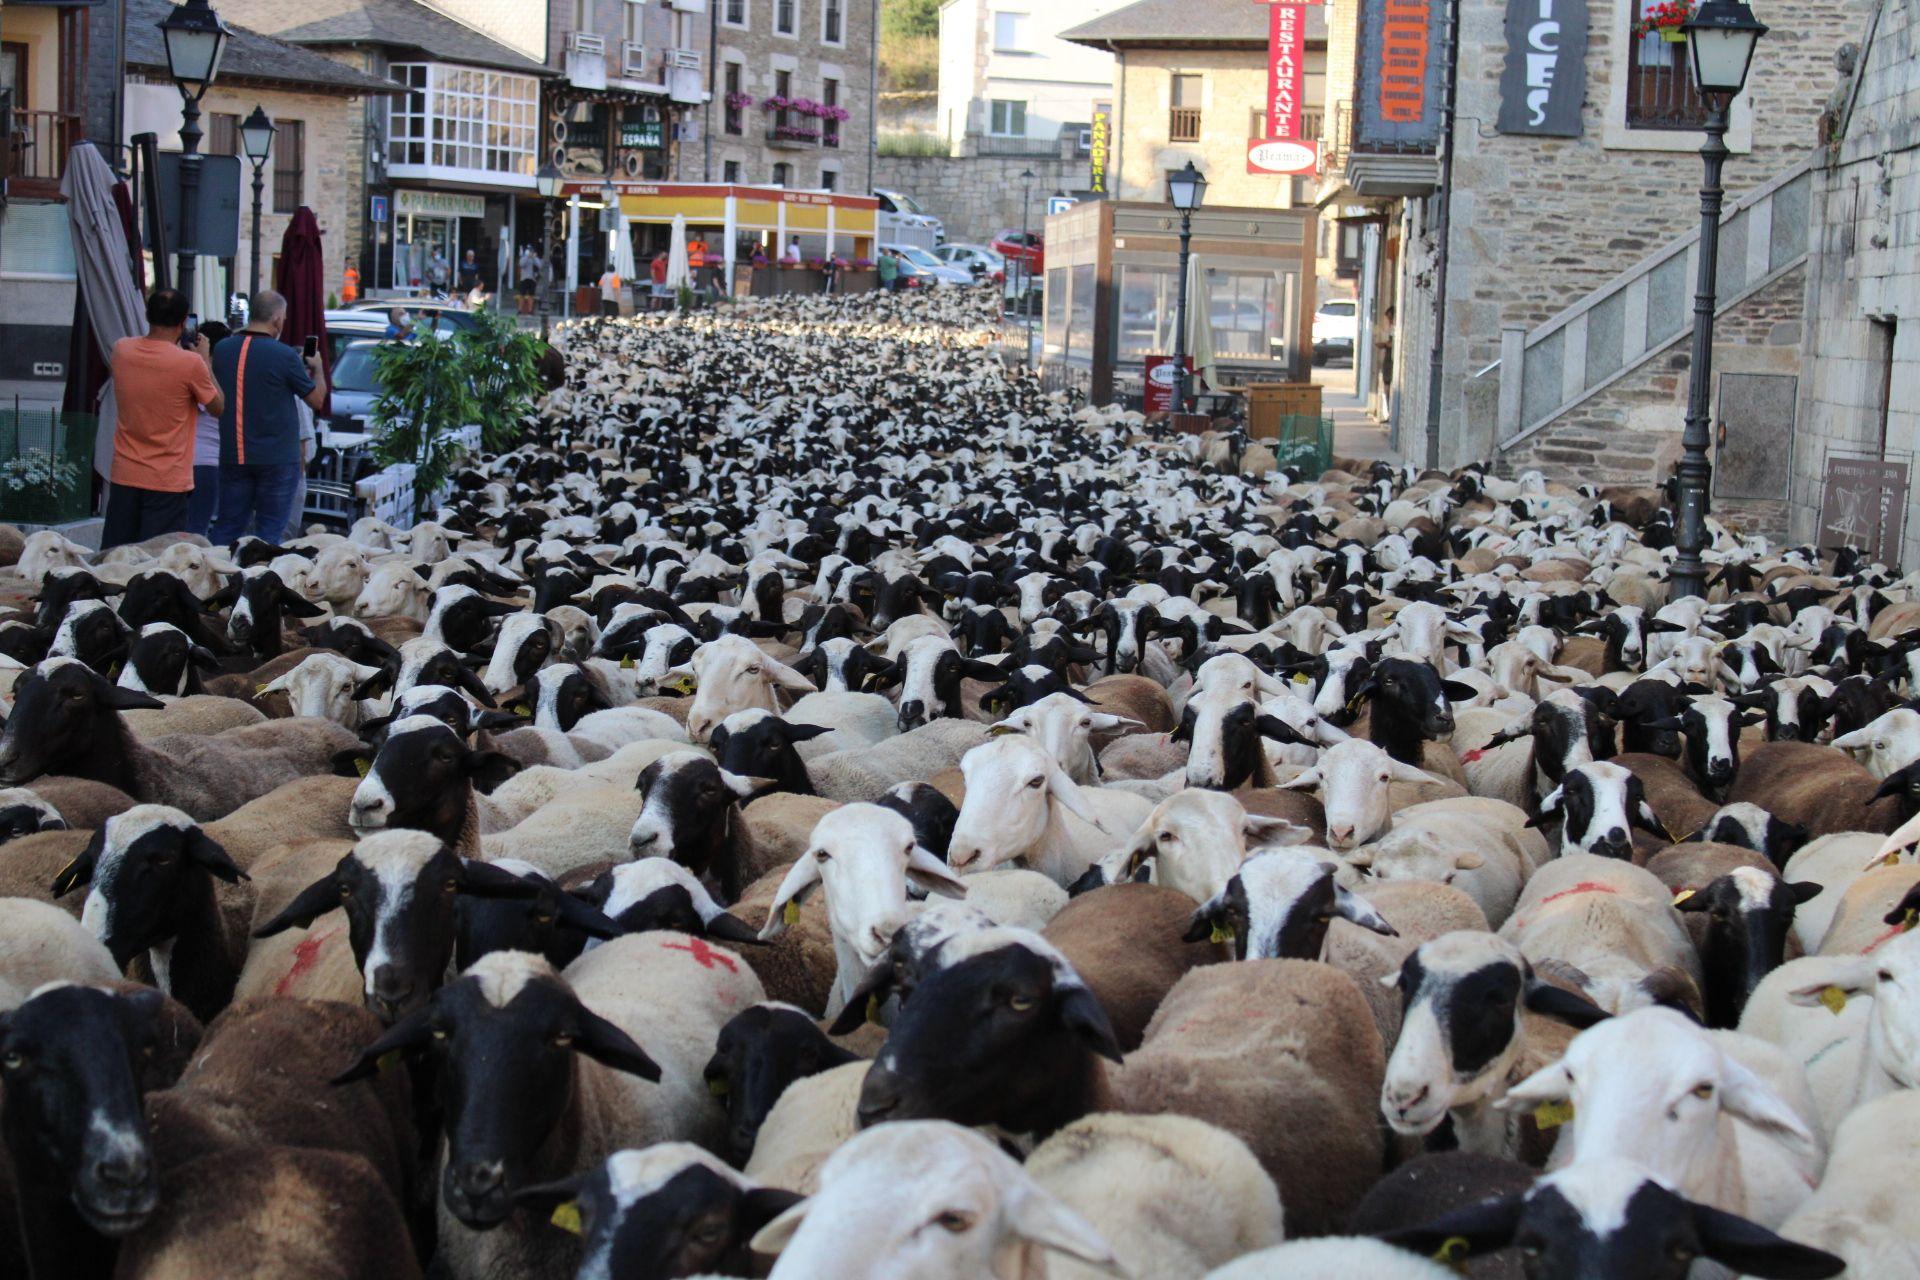 La gente fotografía a las ovejas en una de las principales calles de Puebla.